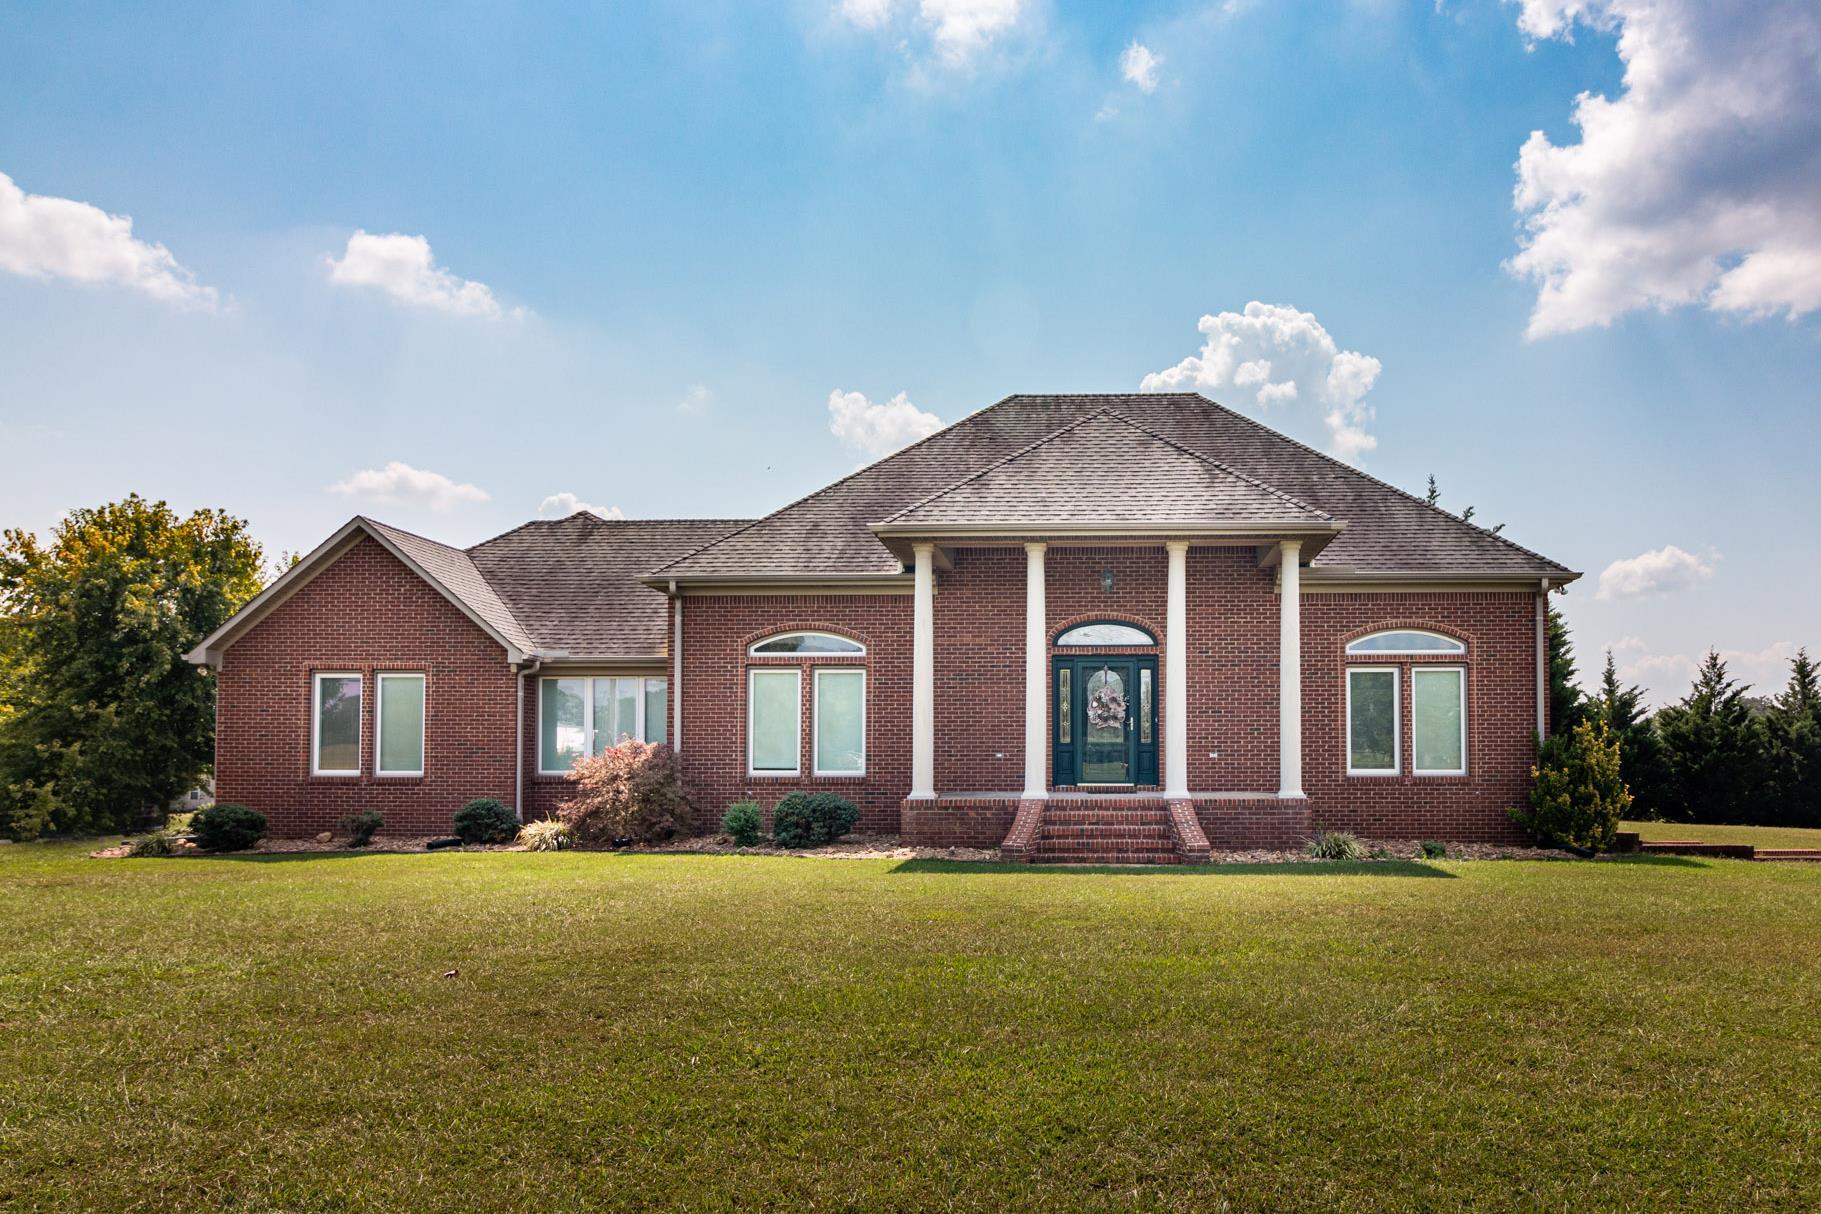 116 Augustine Dr, E, Loretto, TN 38469 - Loretto, TN real estate listing